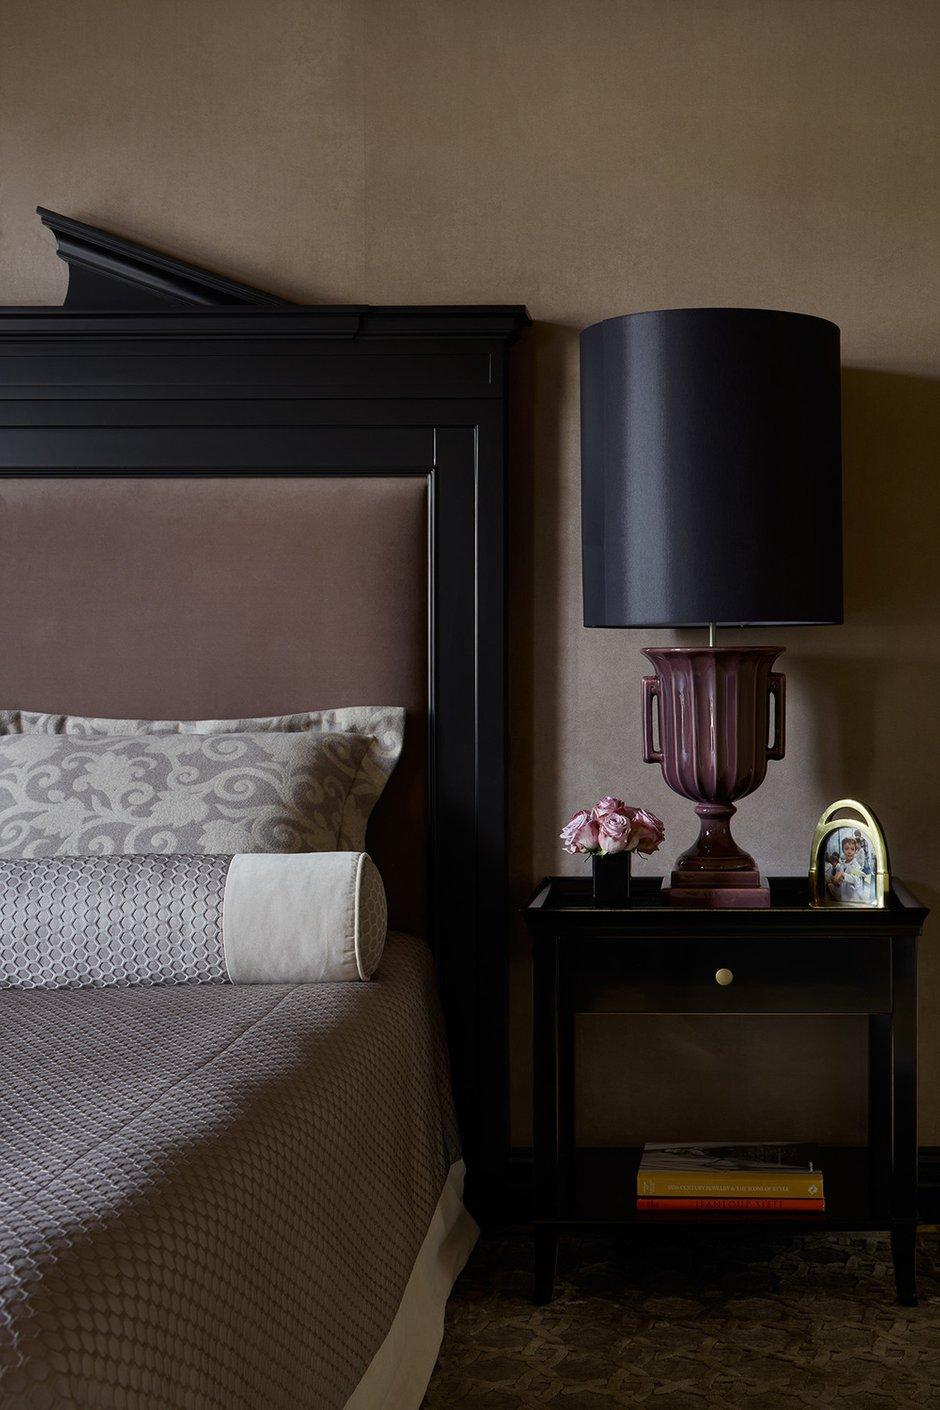 Фотография: Спальня в стиле Классический, Современный, Квартира, Проект недели, Москва, 3 комнаты, 60-90 метров, Варвара Шабельникова – фото на INMYROOM